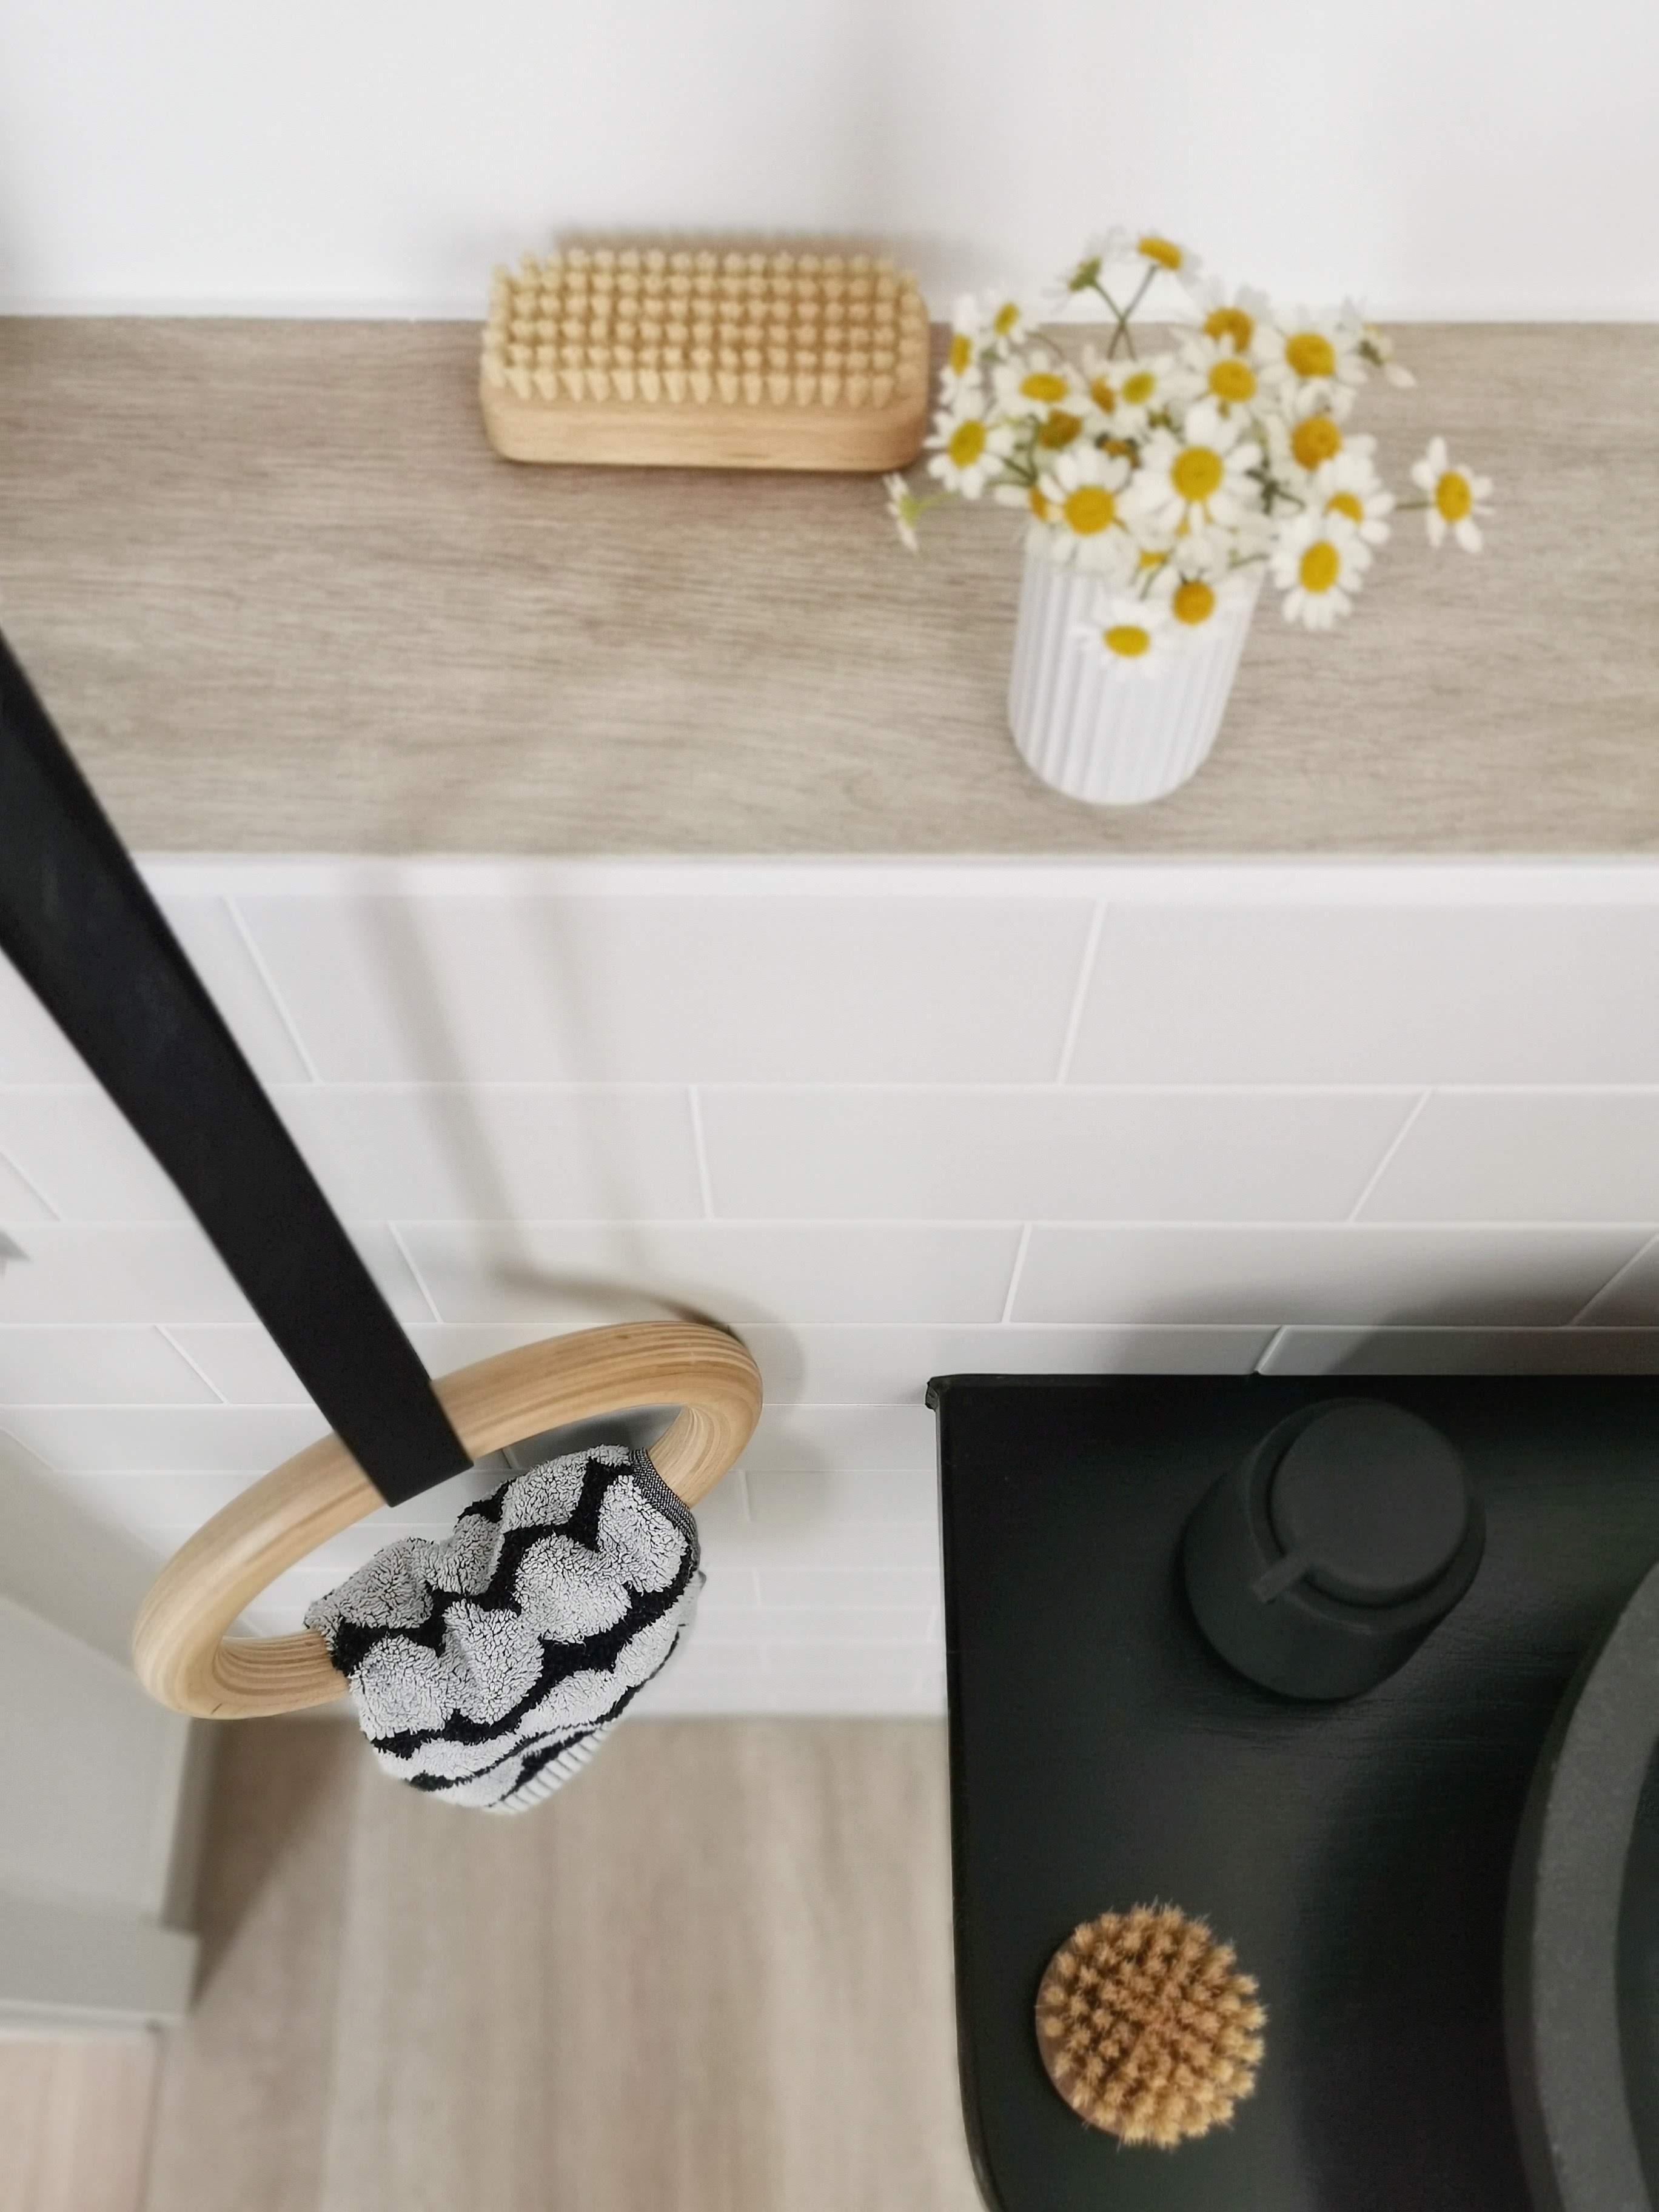 DIY-Handtuchhalter aus Holz-Turnringen | mammilade.com